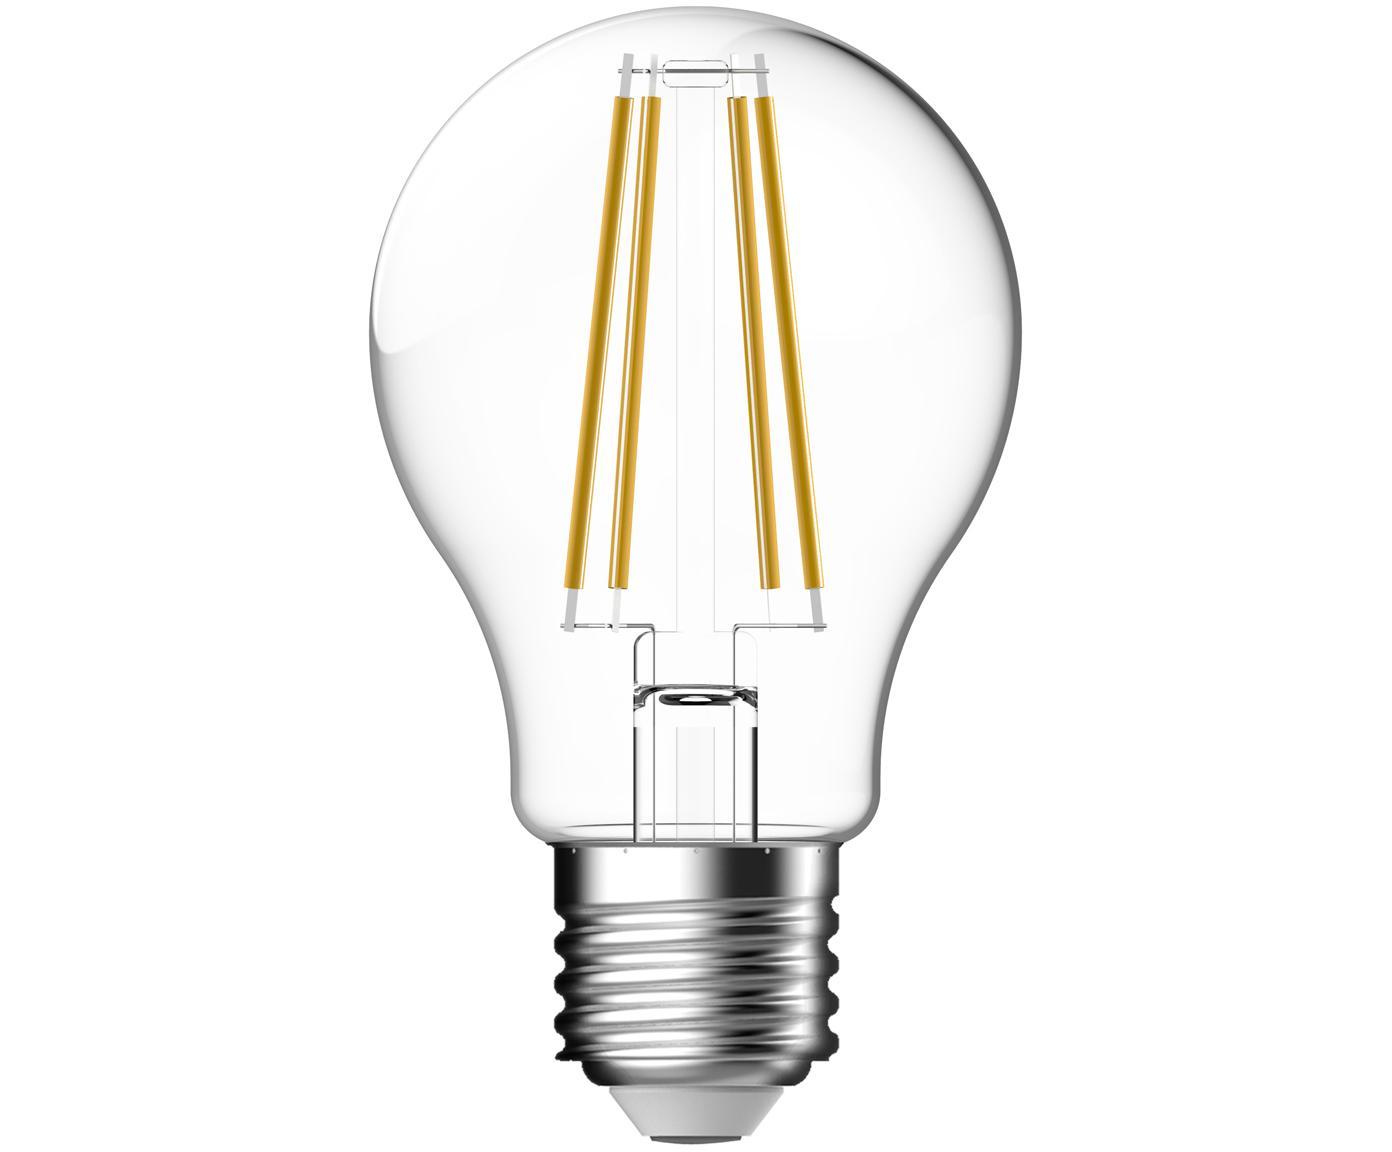 Bombilla LED Clear (E27/7W), Ampolla: vidrio, Casquillo: aluminio, Transparente, Ø 6 x Al 11 cm